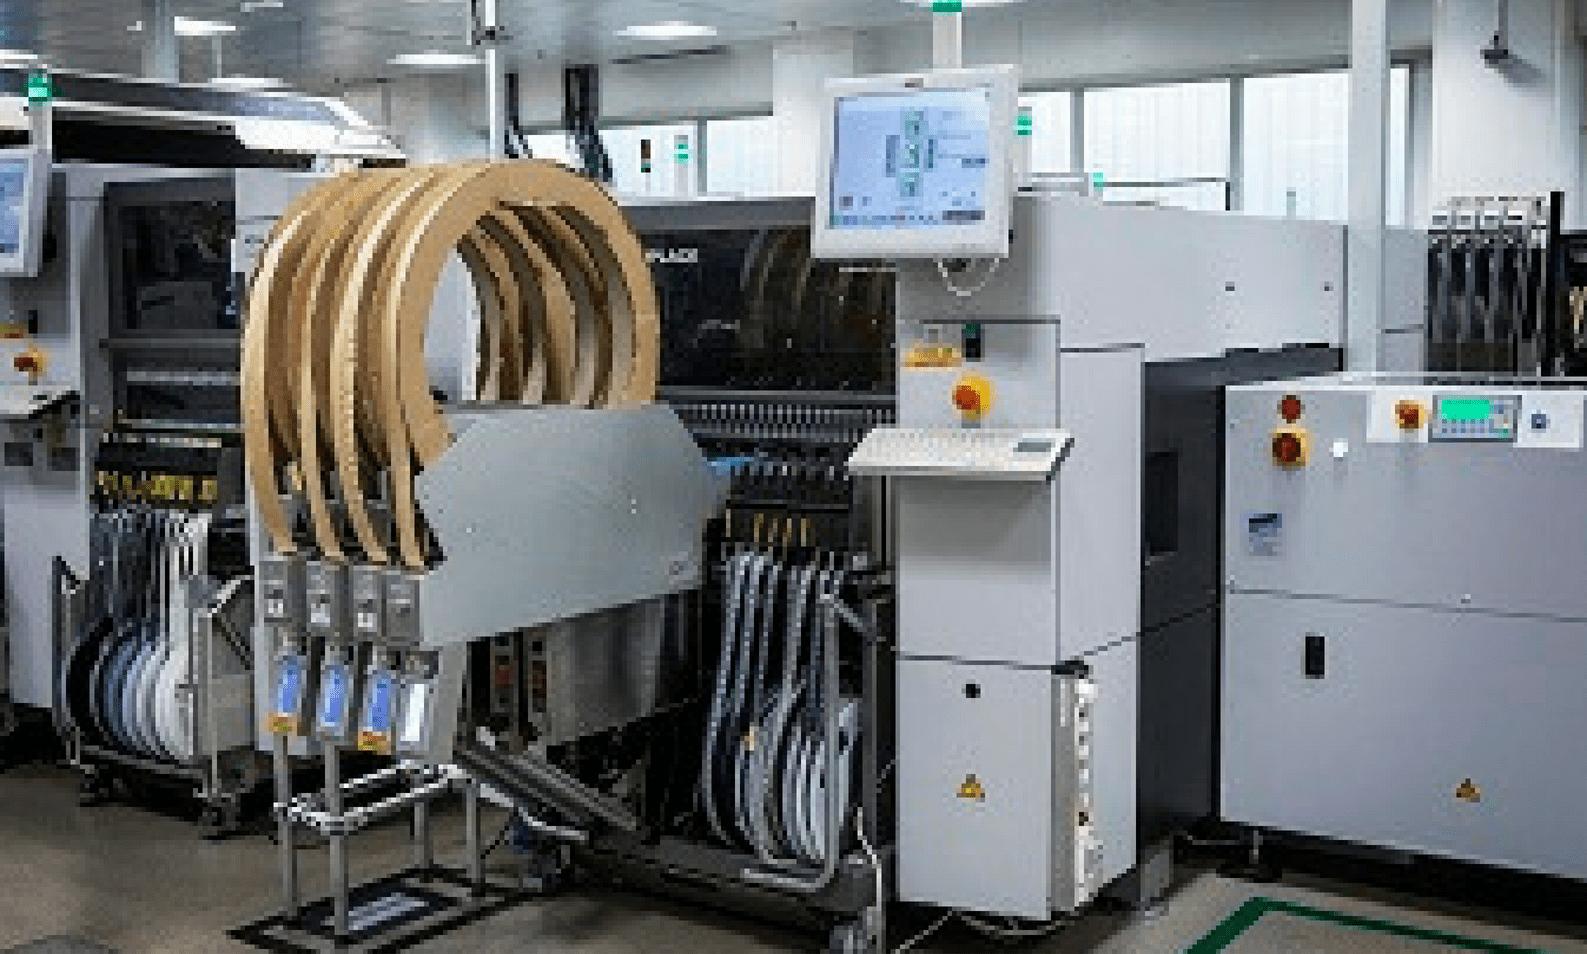 Semo machines spéciales Toulouse production électronique